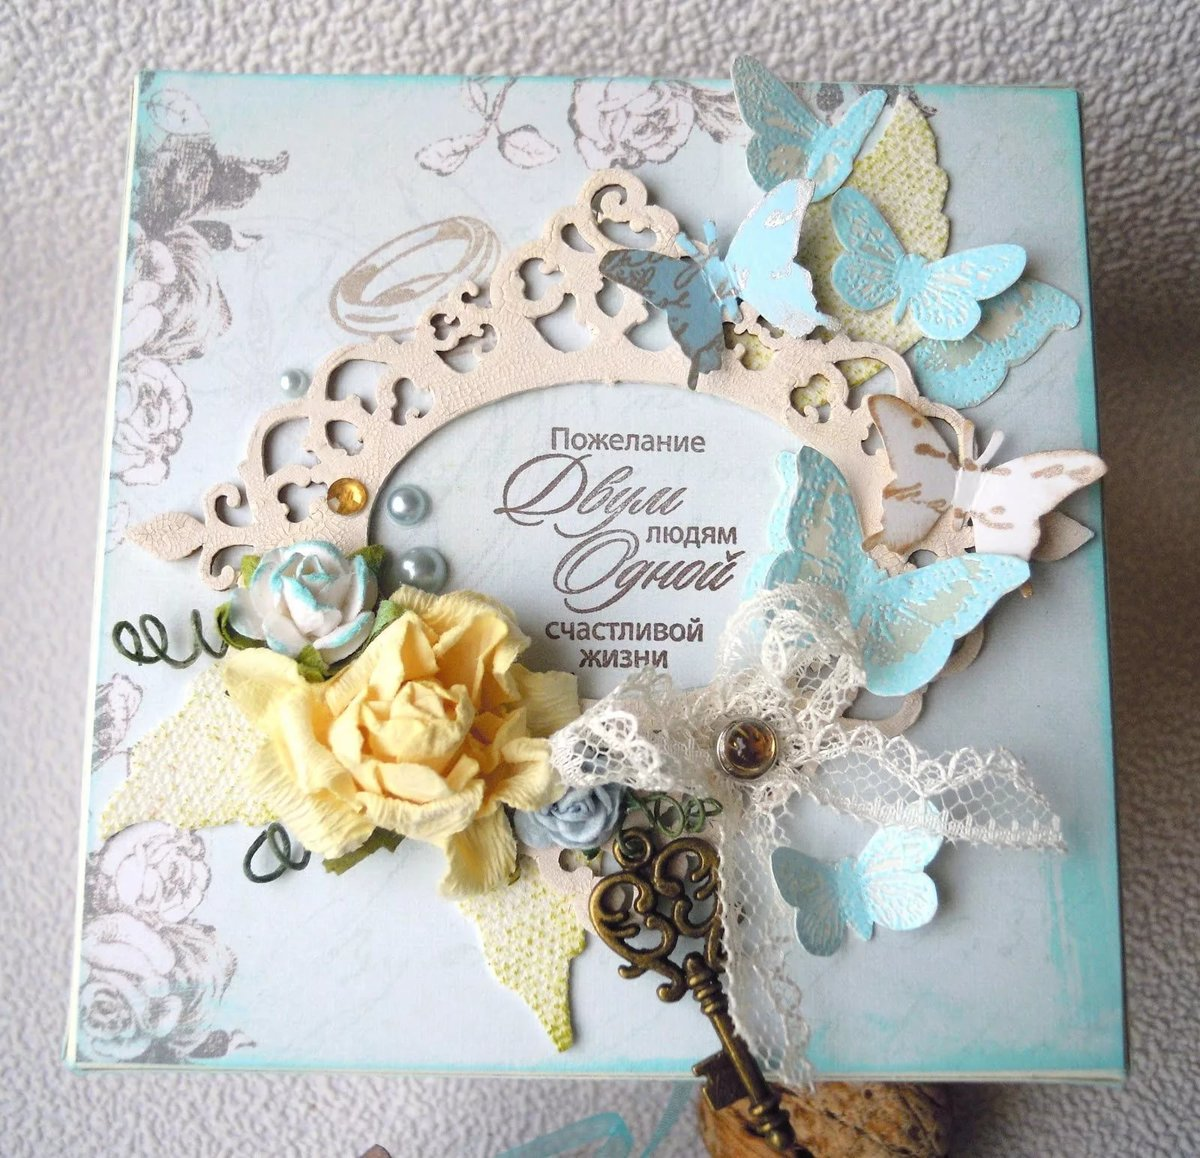 Оригинальное оформление поздравления на свадьбу, картинки аву